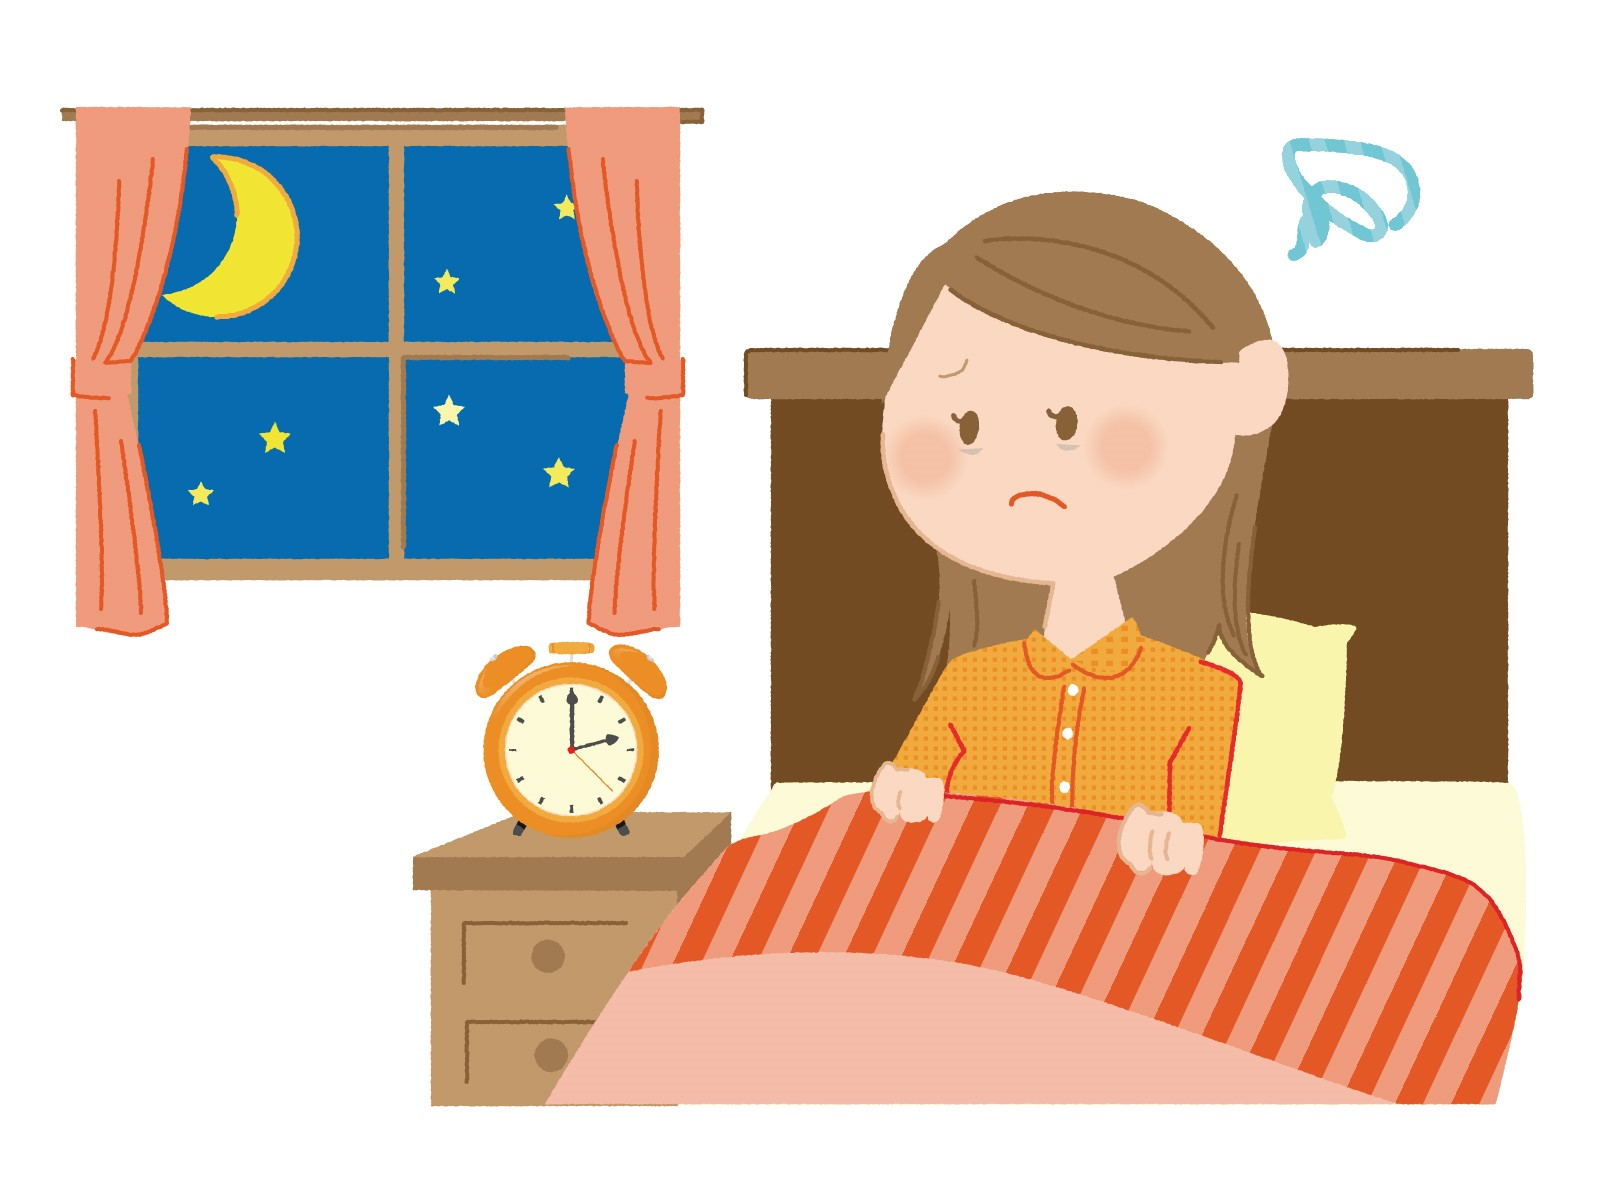 ない 睡眠薬 寝れ 飲ん でも